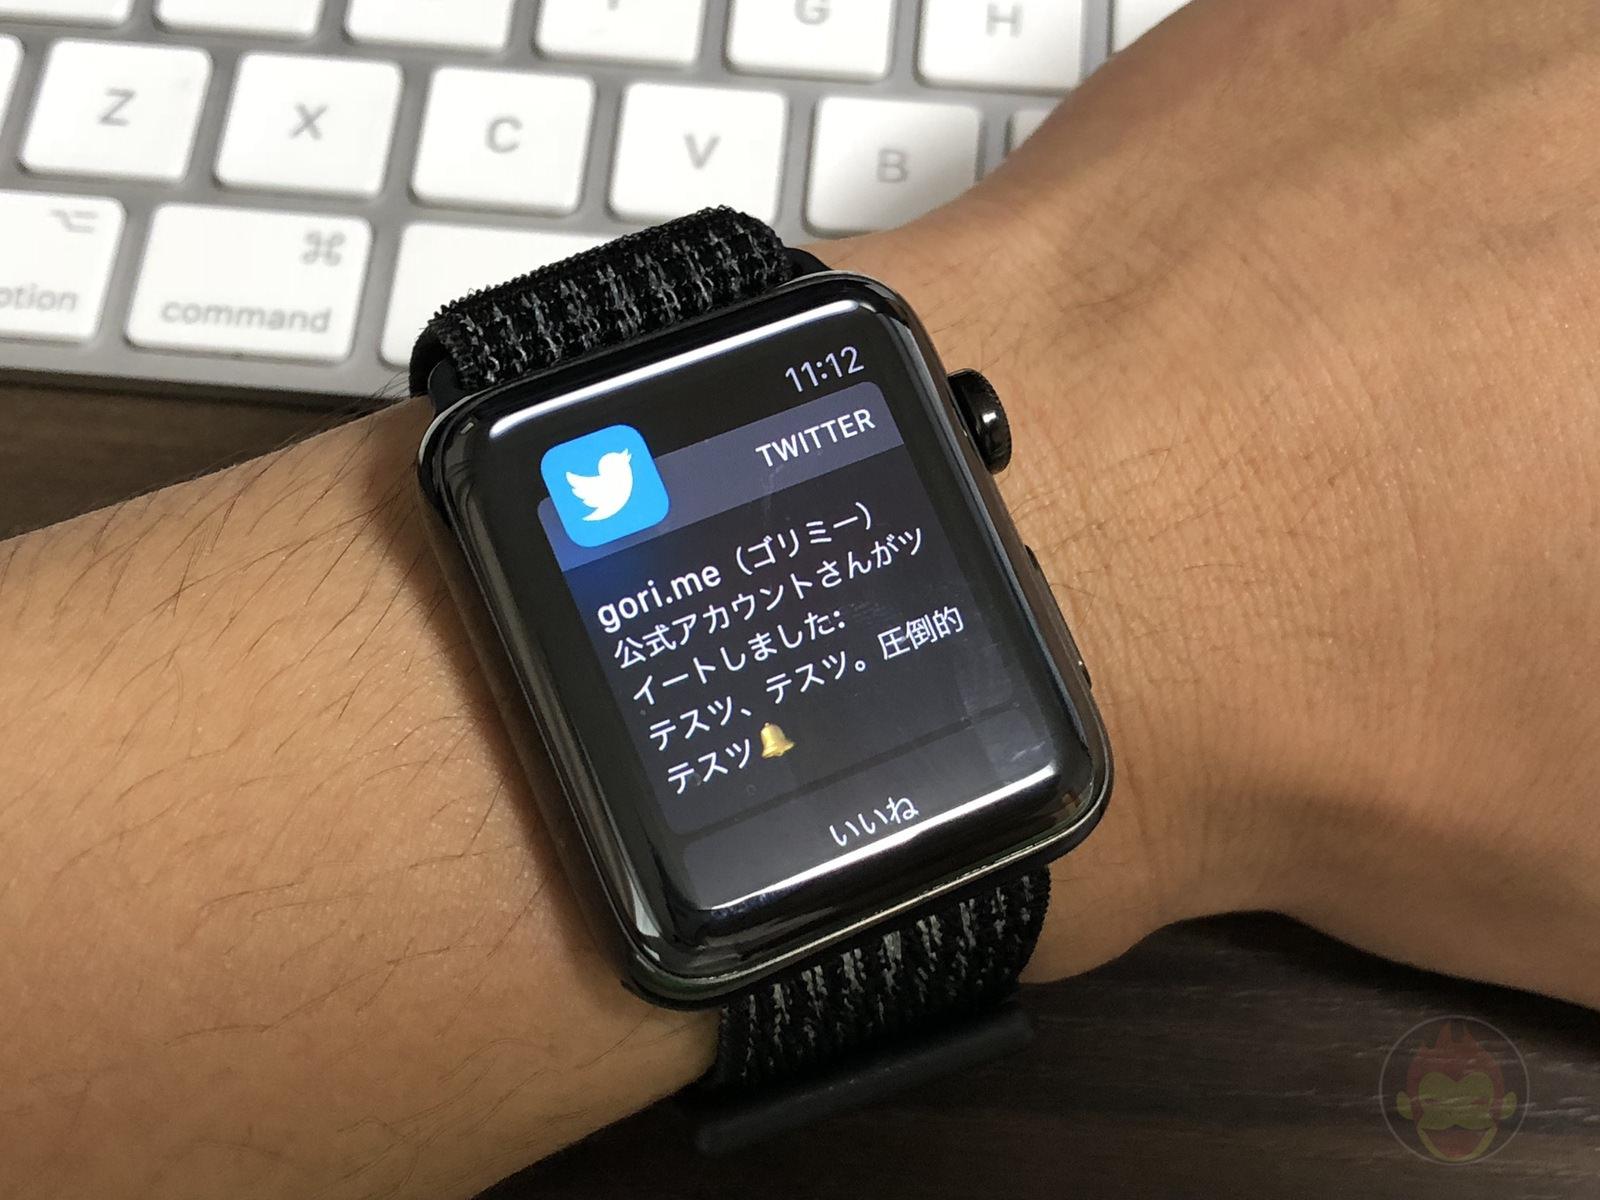 Twitter Notifications on Apple Watch 01